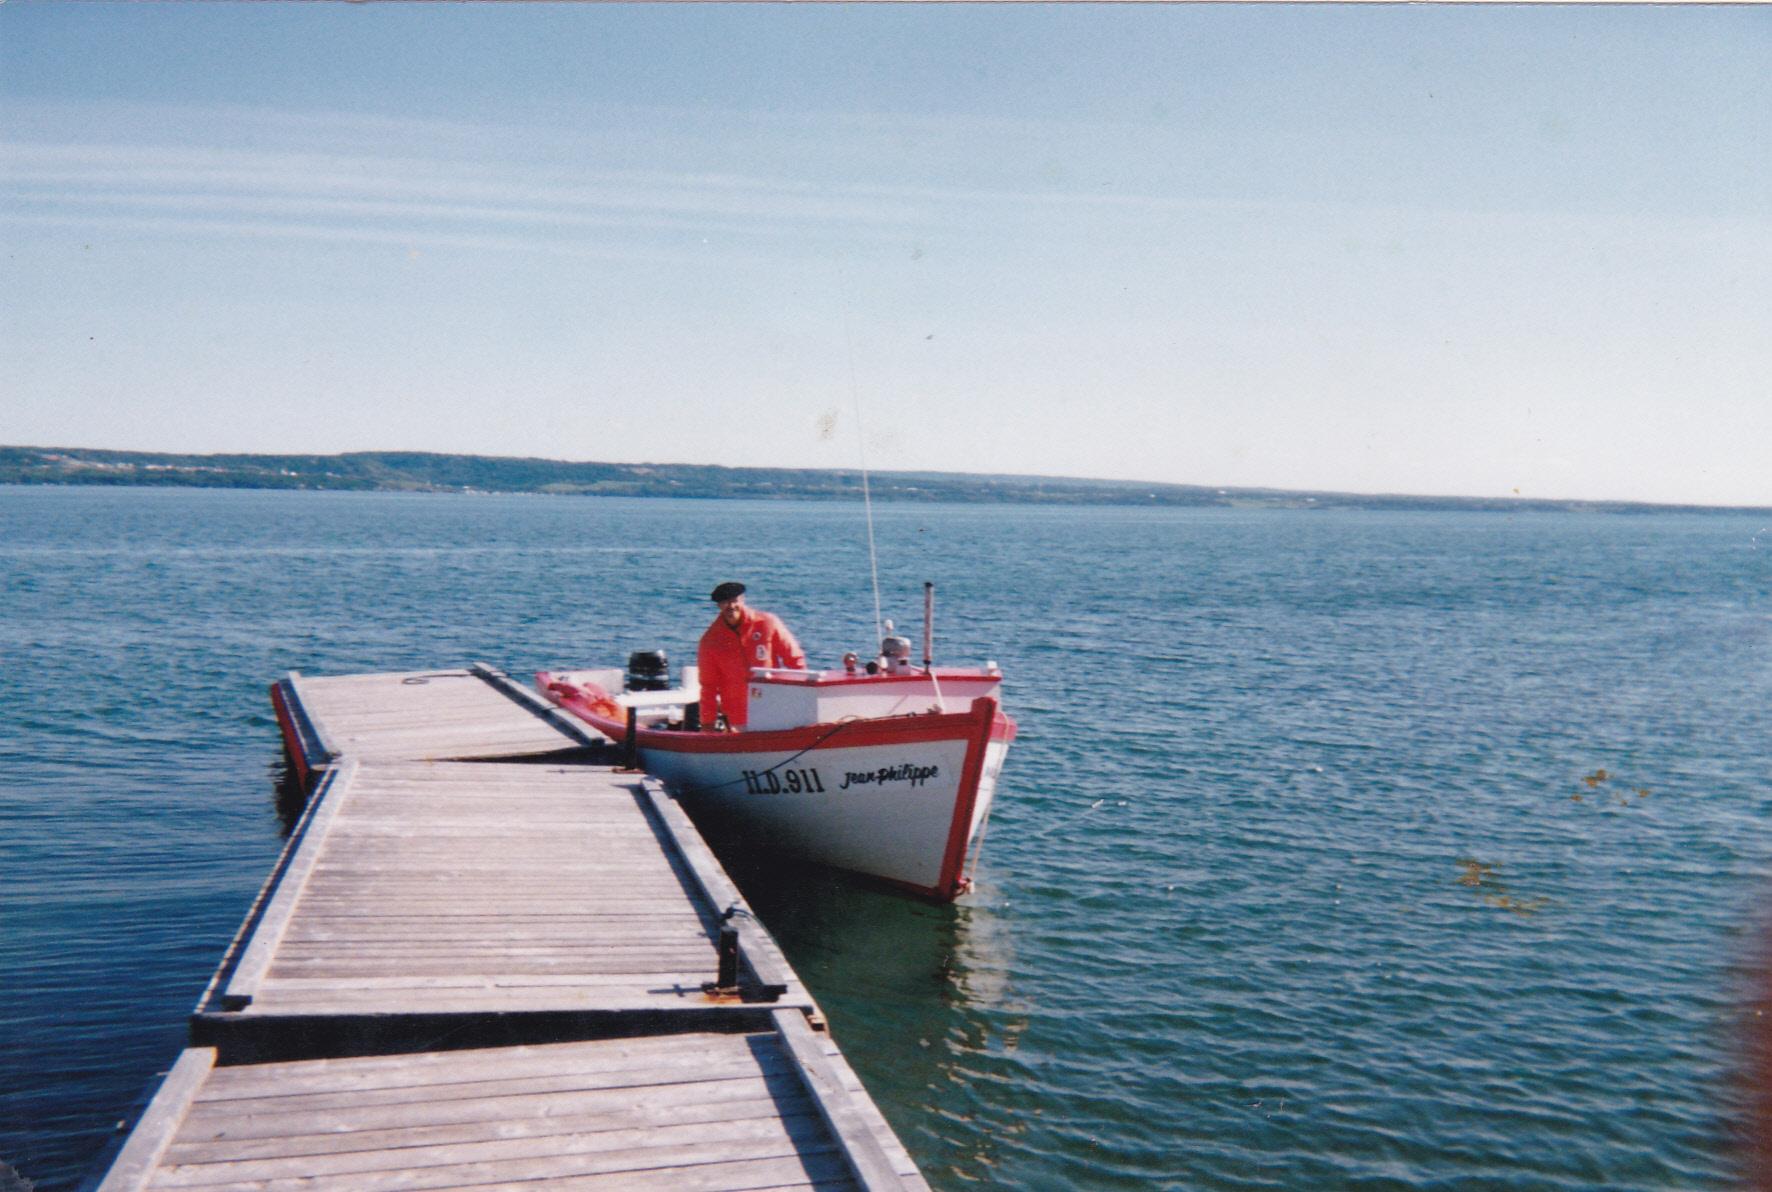 Le bateau Jean-Philippe accosté à l'île aux Basques par le capitaine Jean-Pierre Rioux. Photo Jean-Pierre Rioux